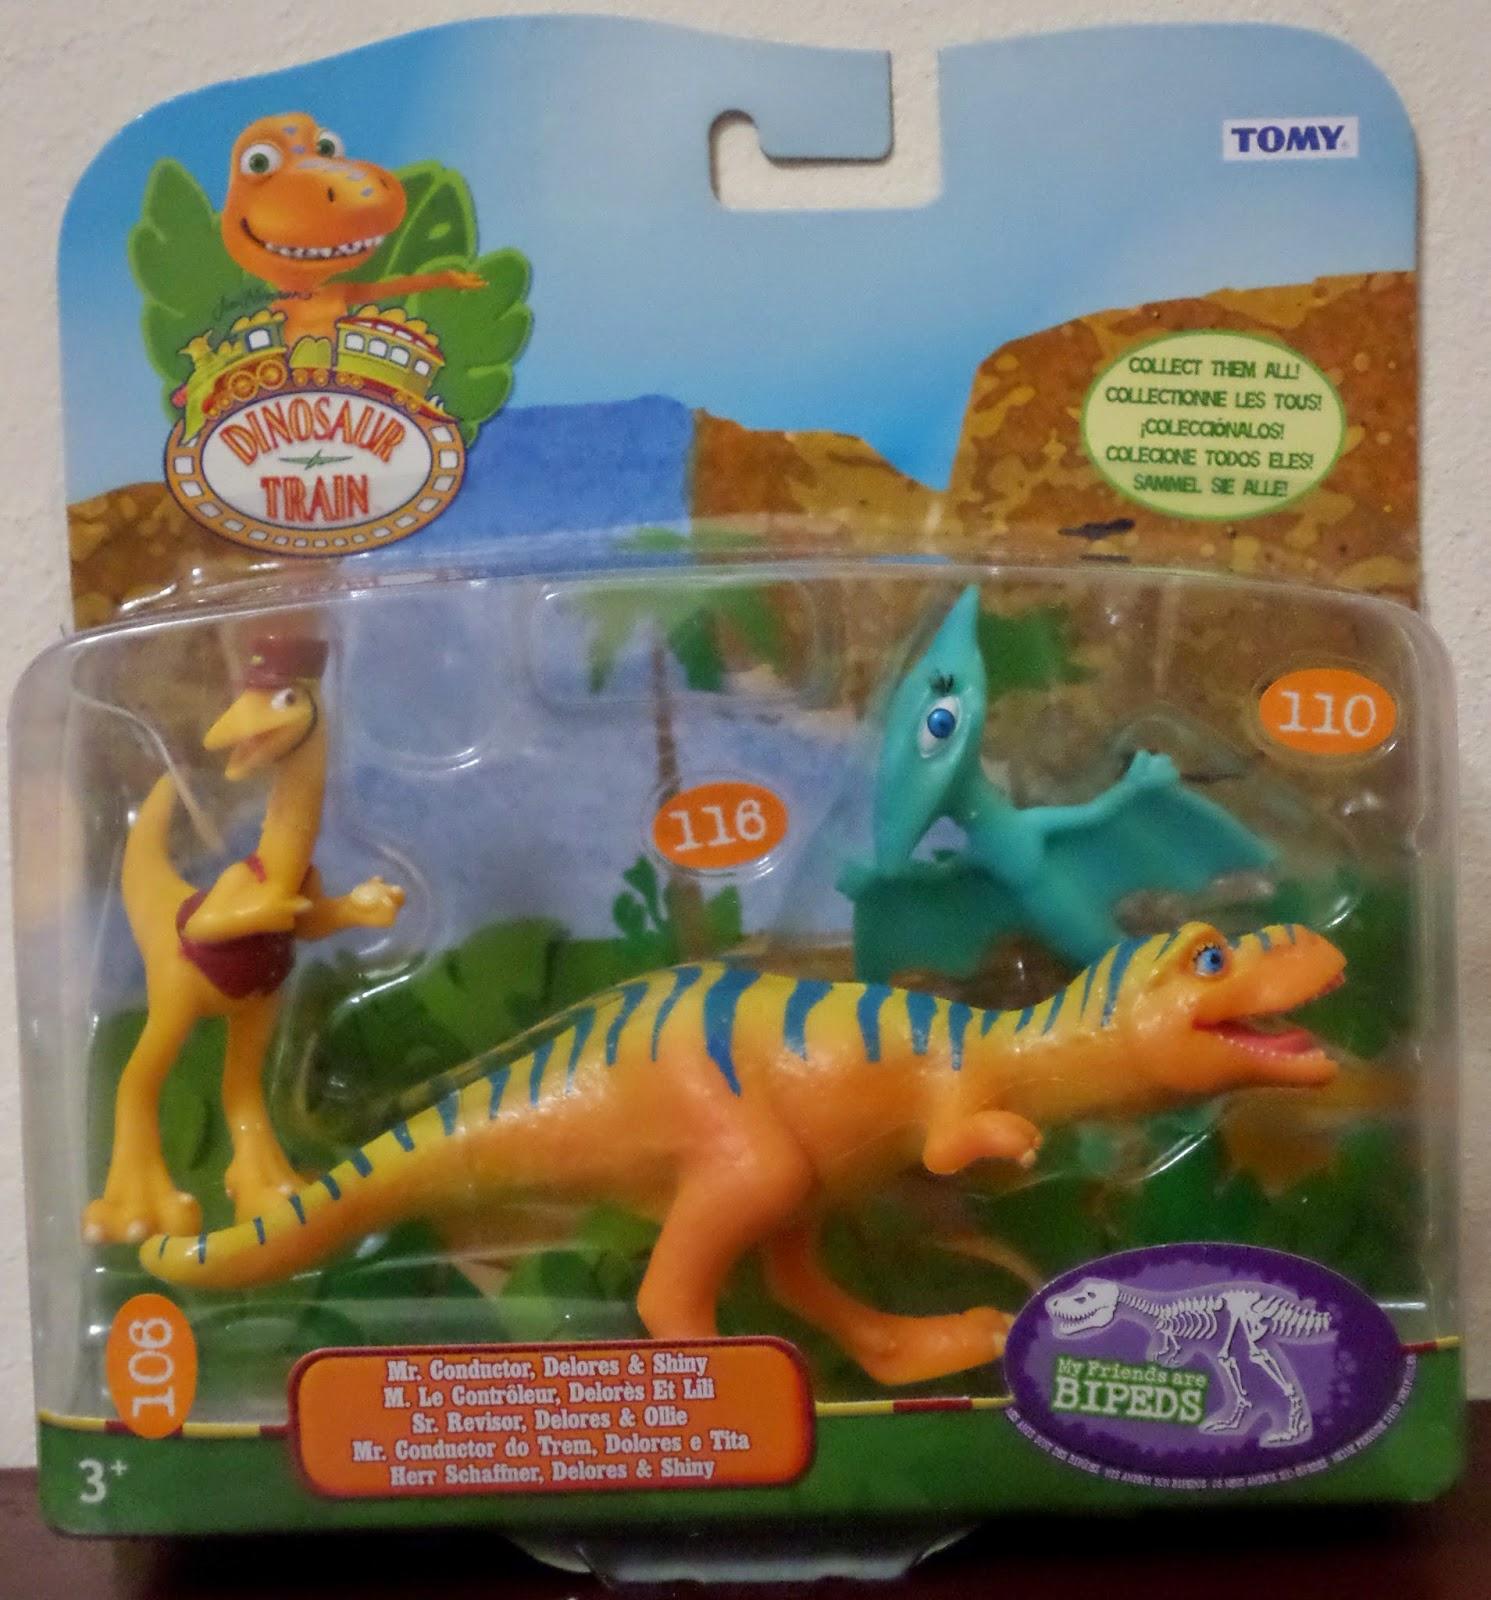 Dinosaur Train Mr Conductor, Delores,